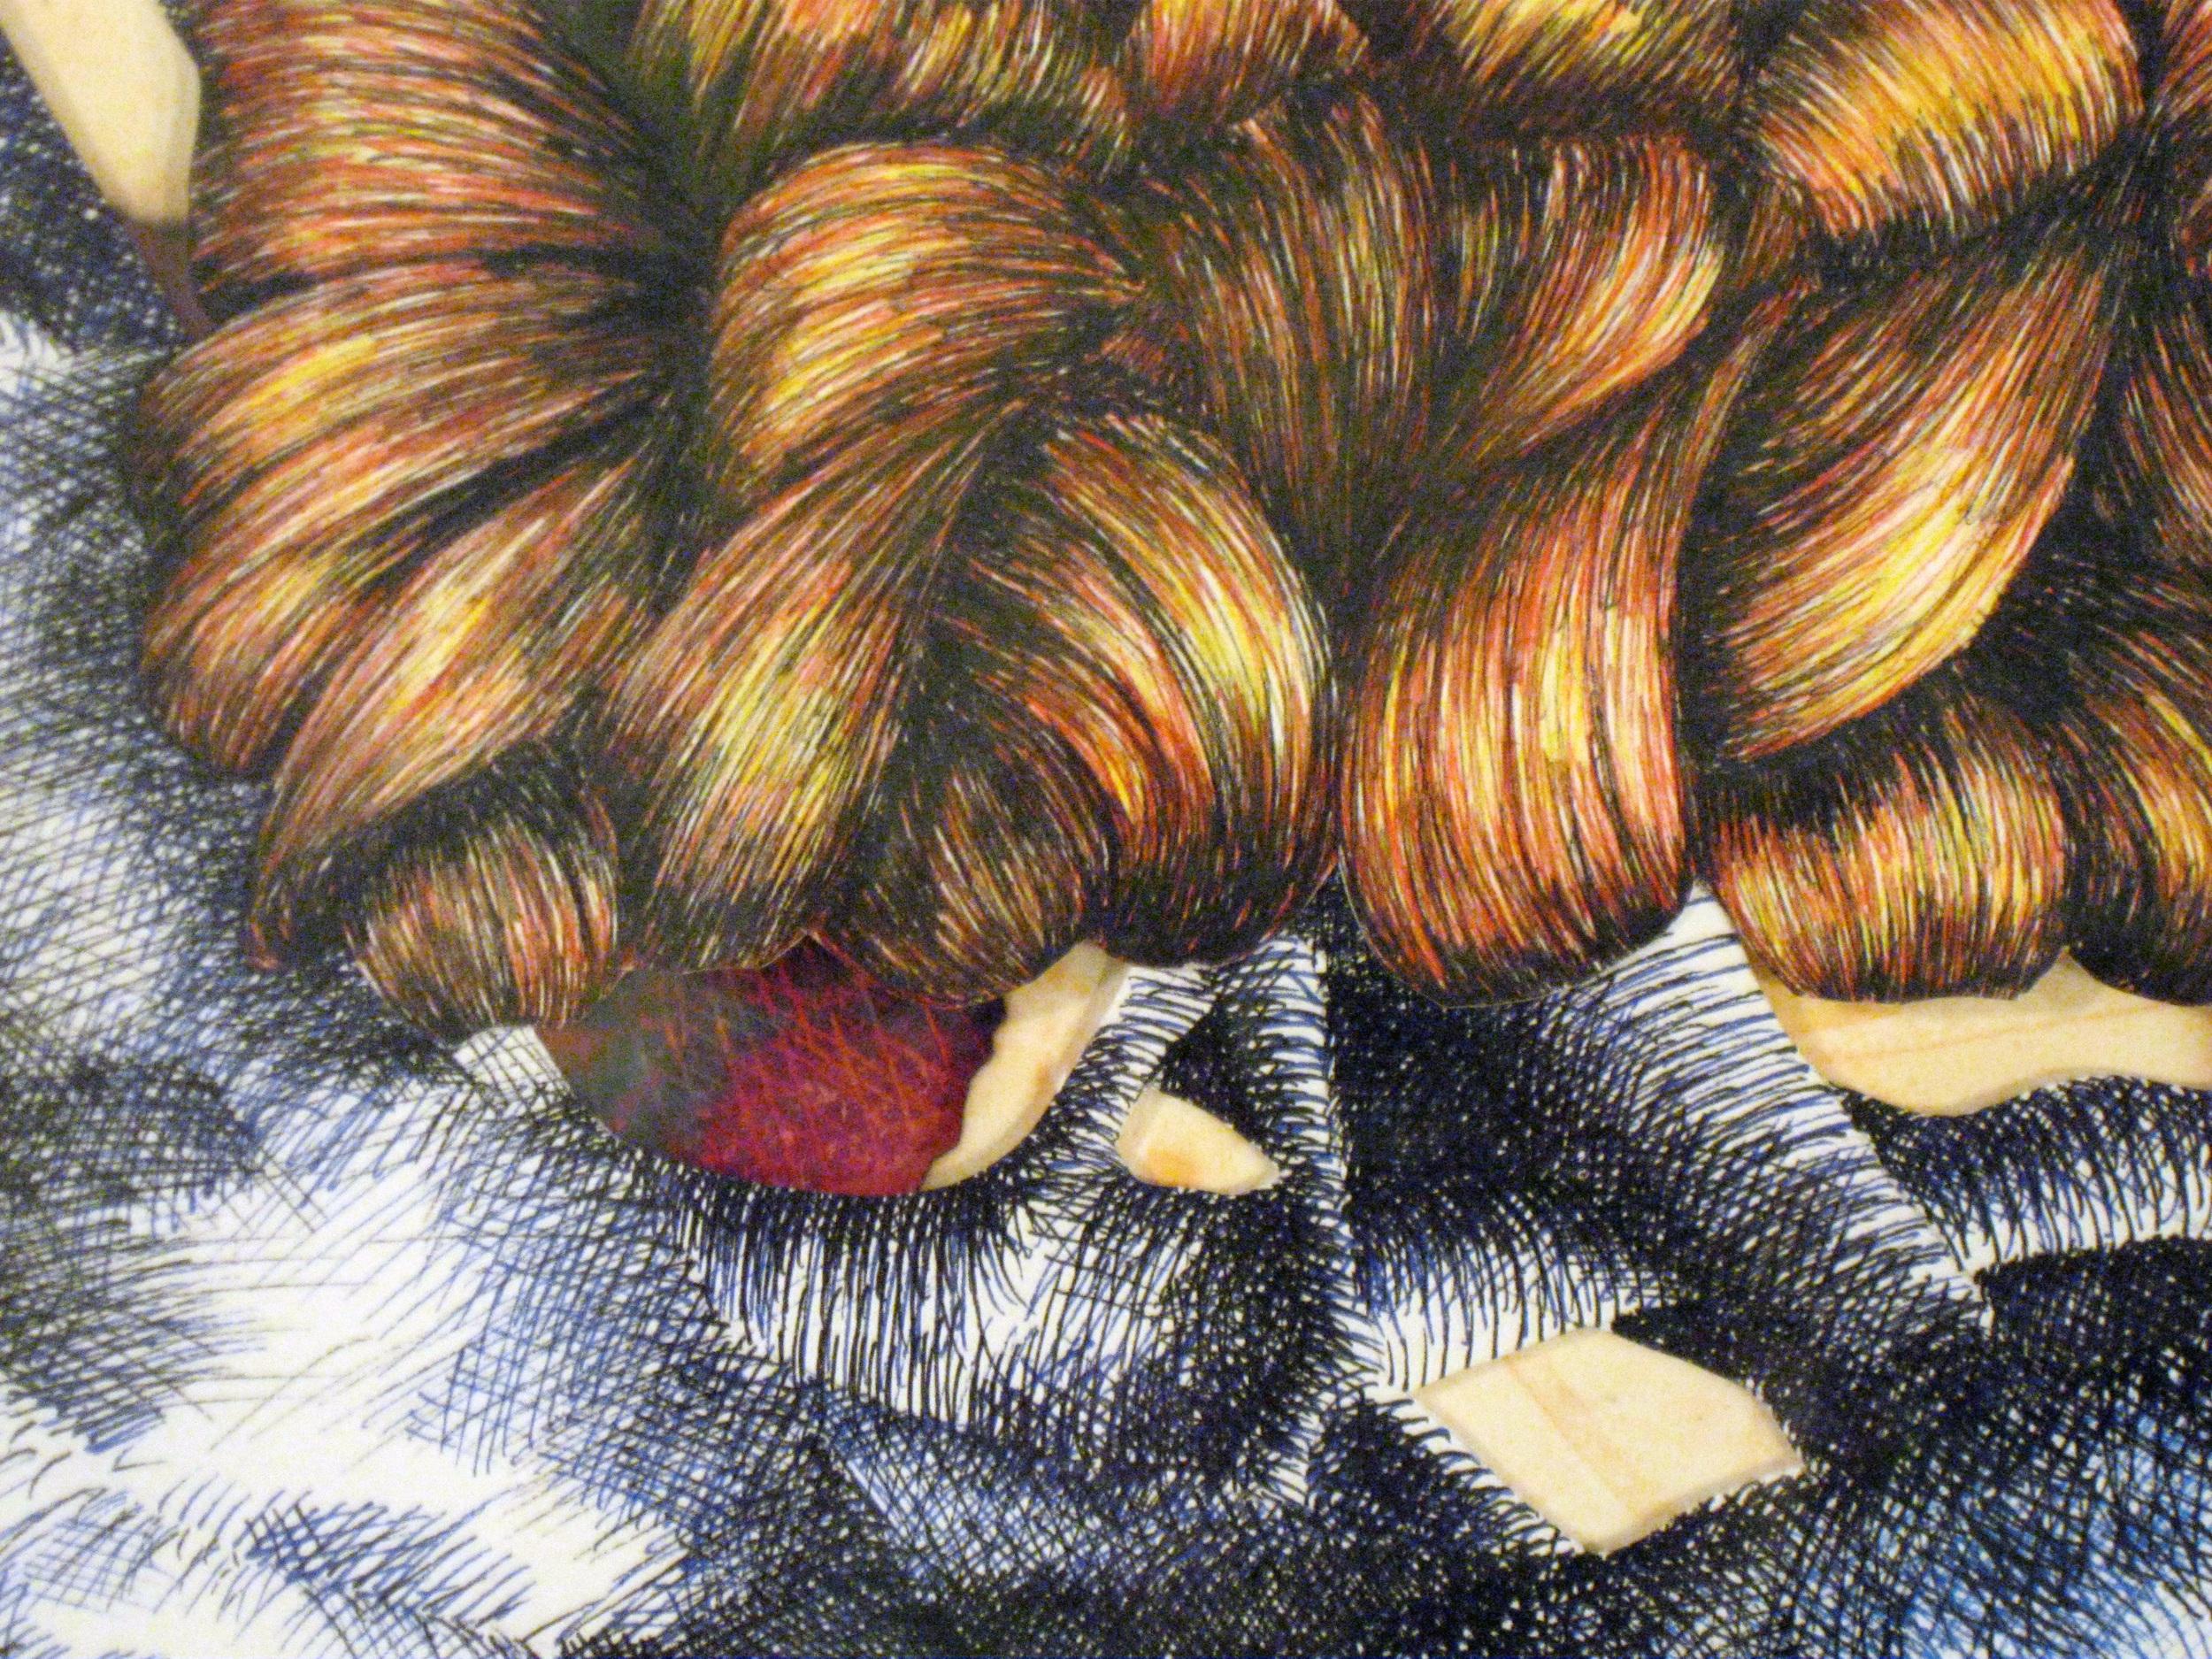 02-detail-a-foolish-sheep.jpg